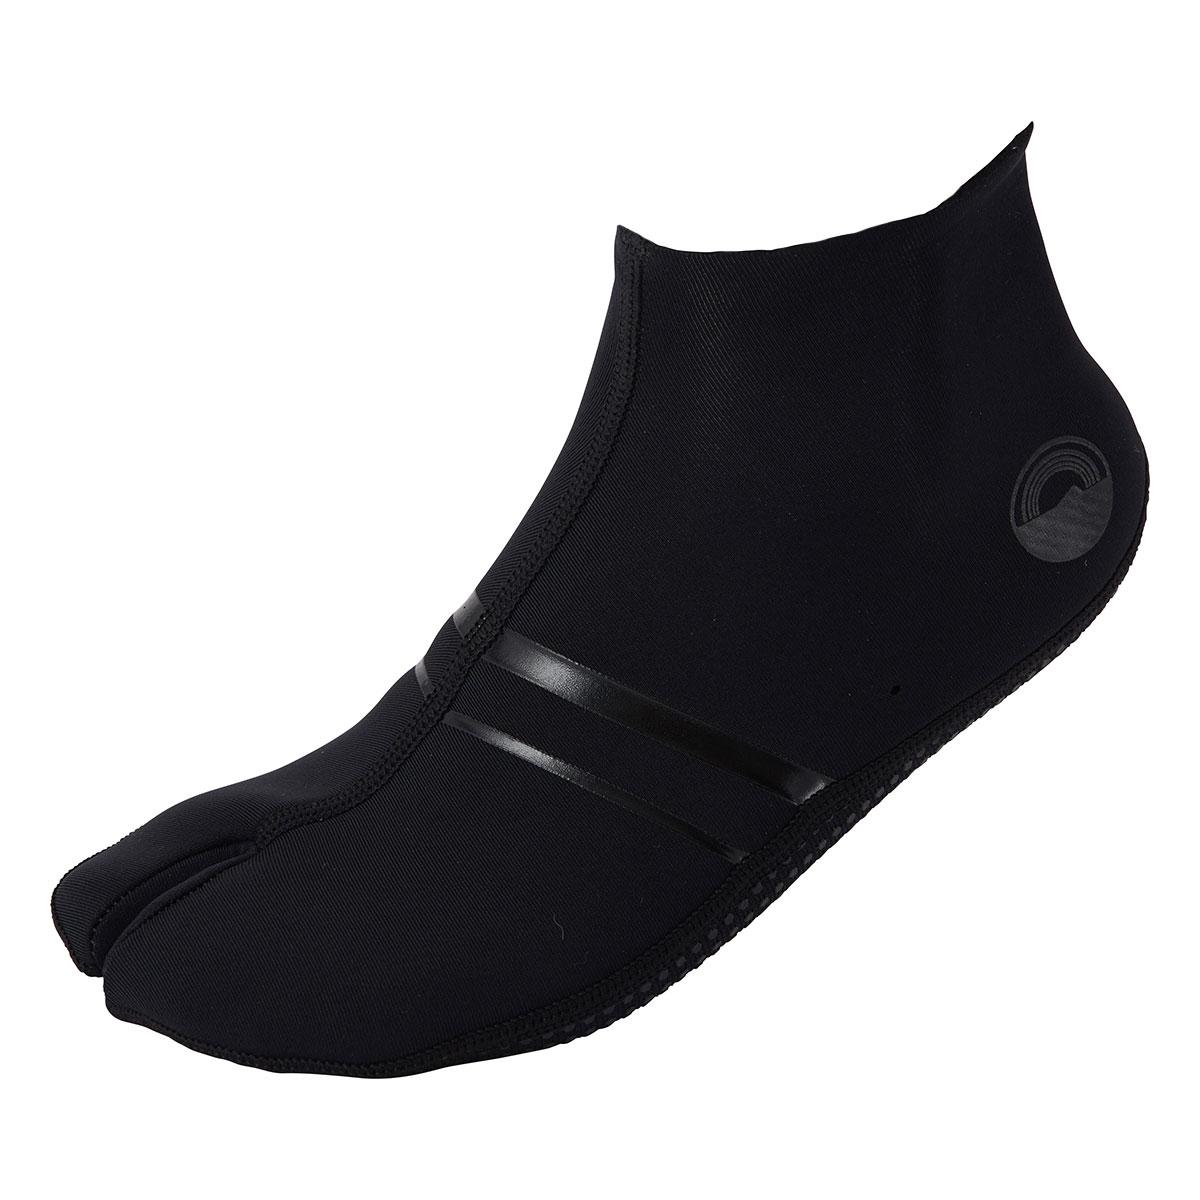 Two Bare Feet Neoprene Socks 3mm Wetsuit Sox